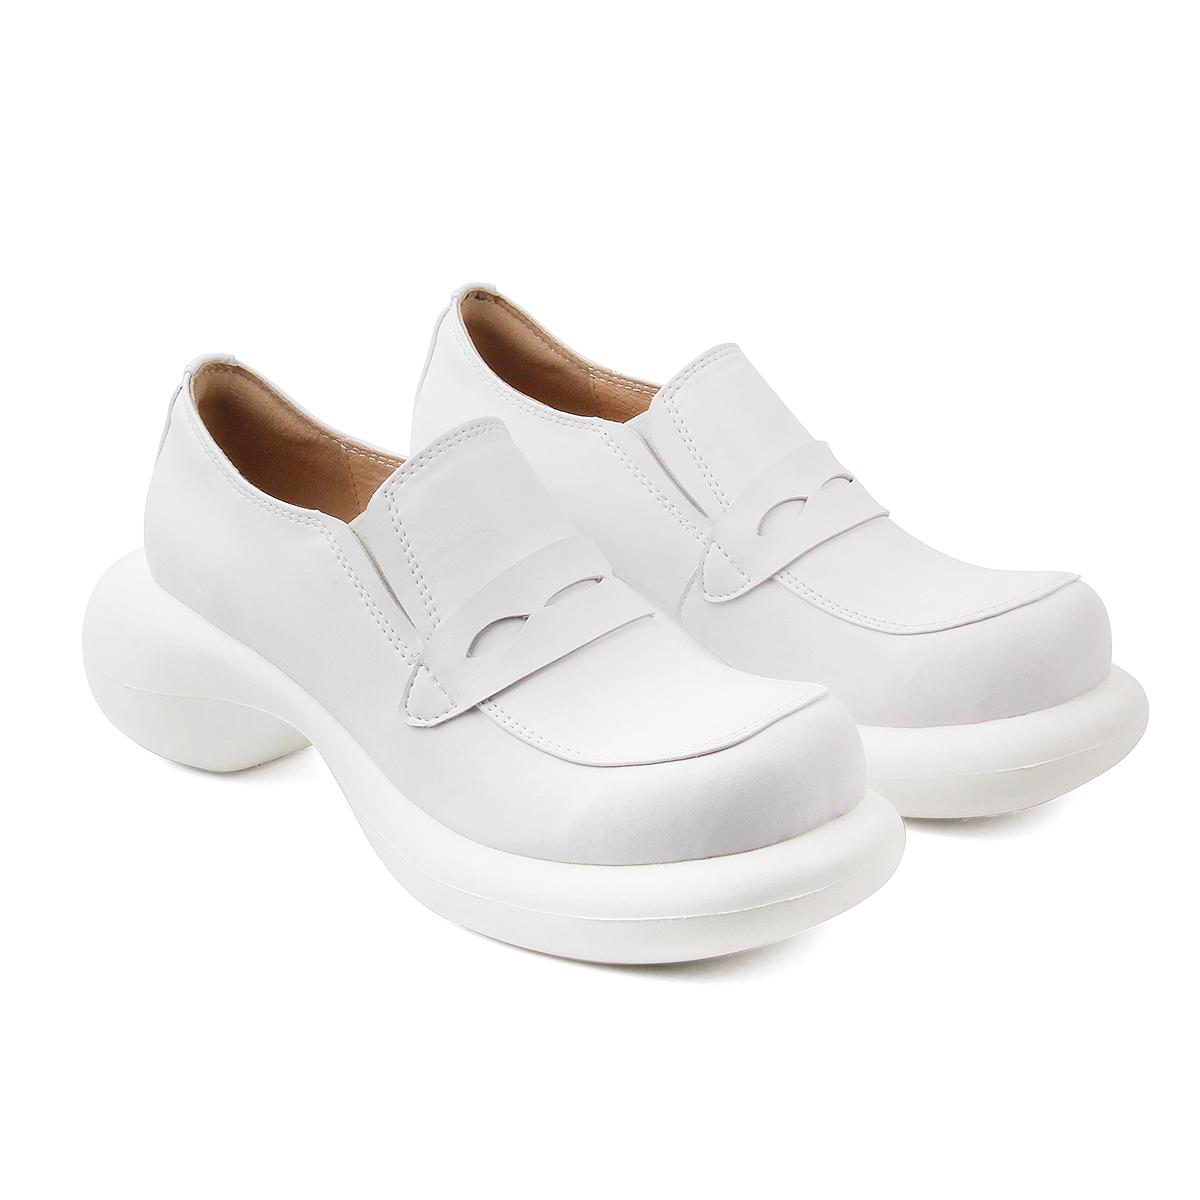 学院风松糕鞋 BOWSTRING 2020SS 复古厚底乐福鞋女学院风少女百搭高跟松糕鞋_推荐淘宝好看的学院风松糕鞋